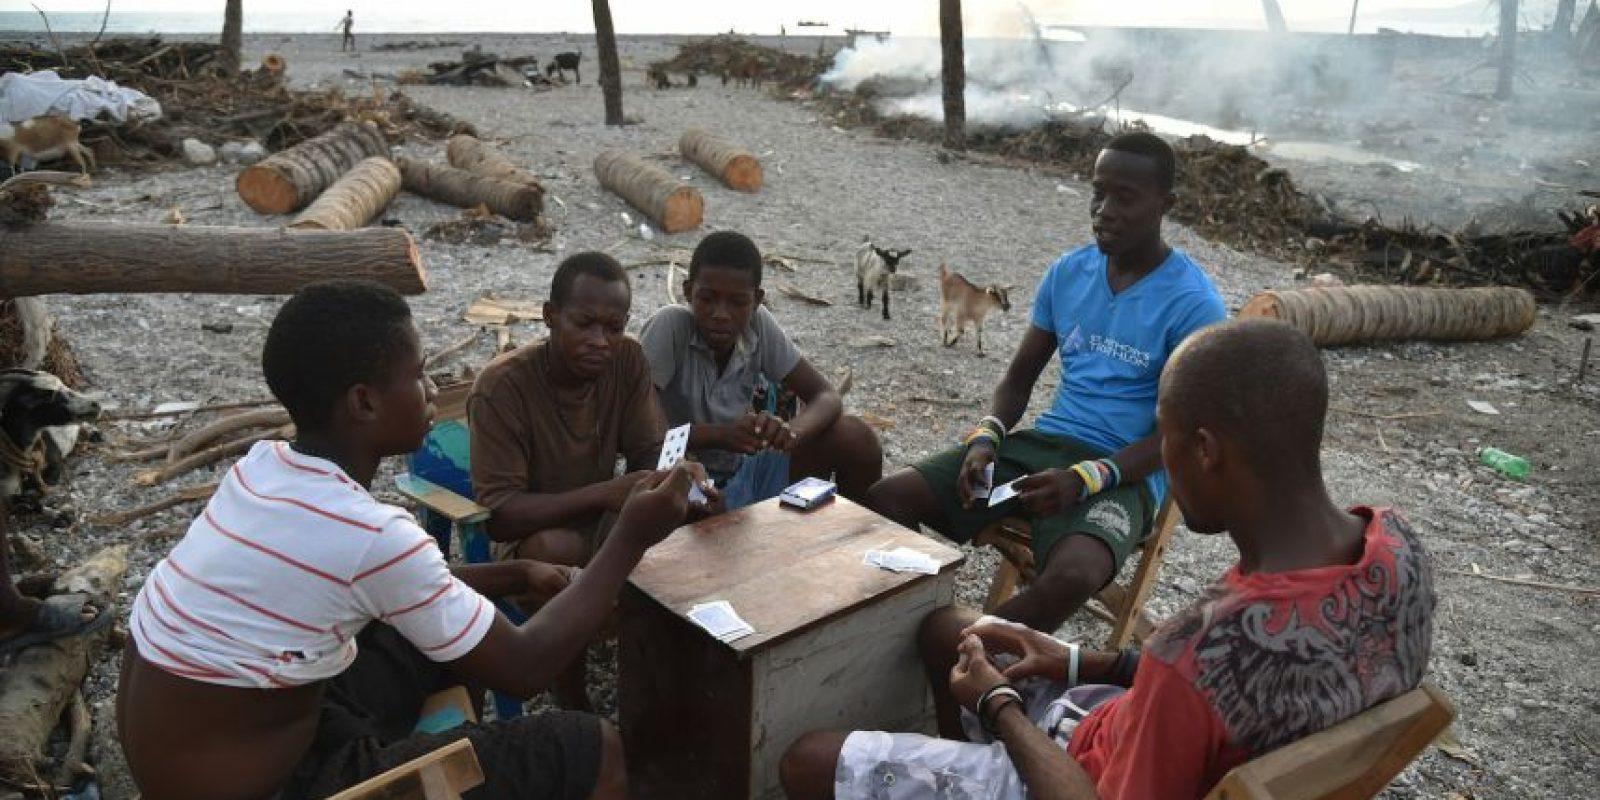 Las comunidades buscan regresar a la normalidad Foto:AFP